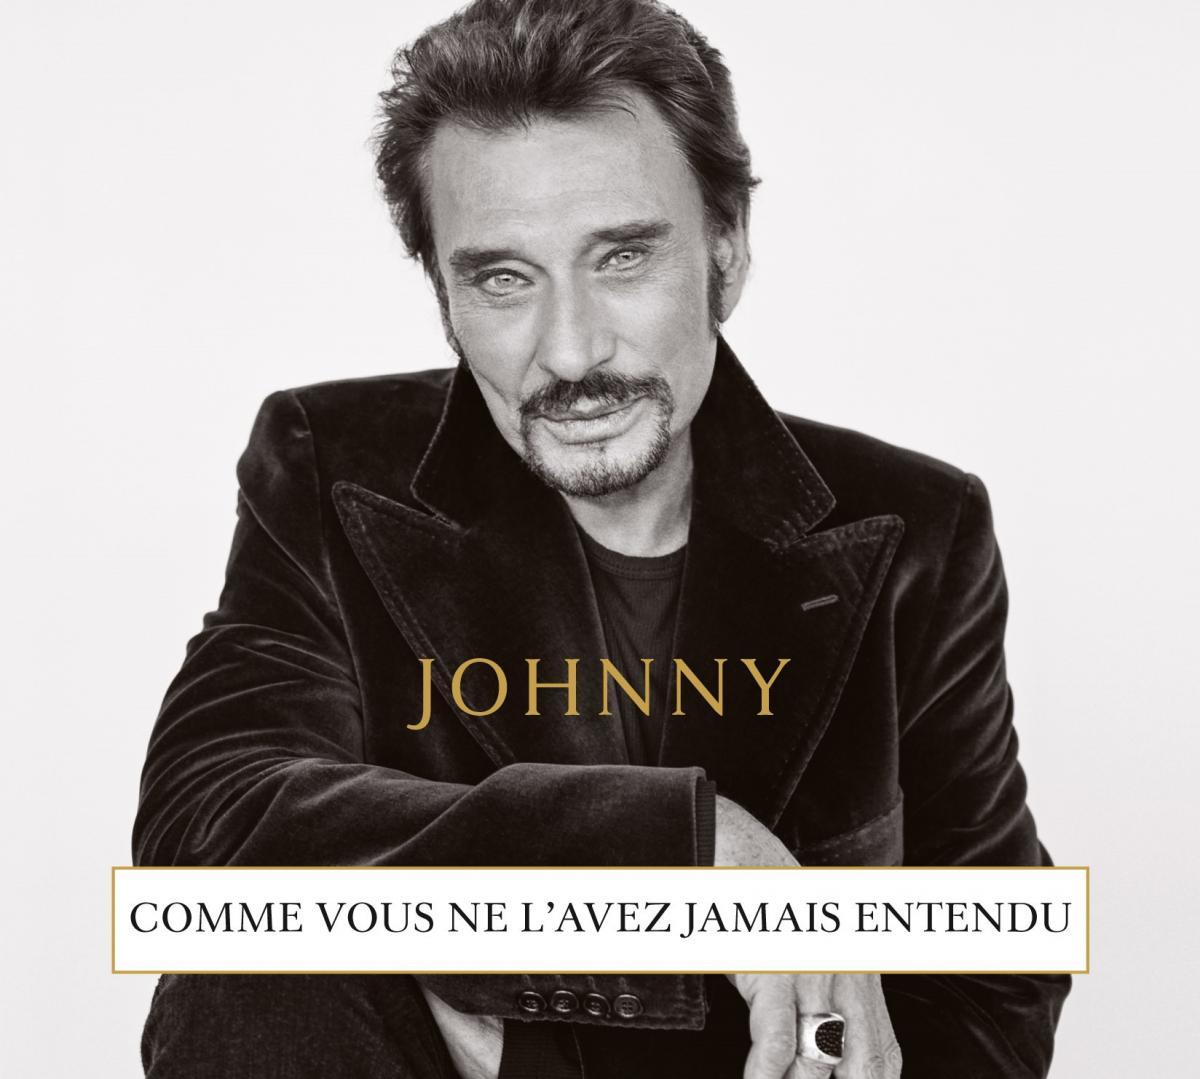 Nouveautés - Page 5 7798353723_pochette-de-l-album-johnny-a-paraitre-le-25-octobre